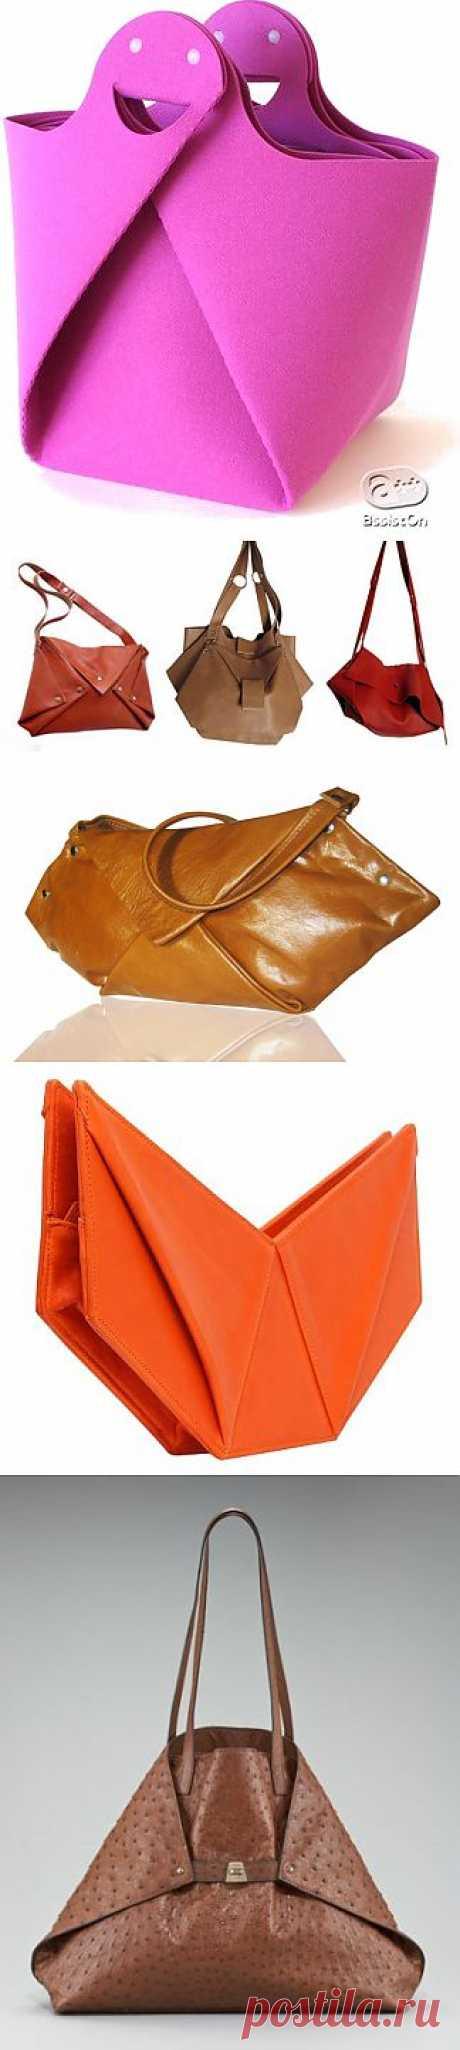 Сумки-оригами / Простые выкройки / Модный сайт о стильной переделке одежды и интерьера